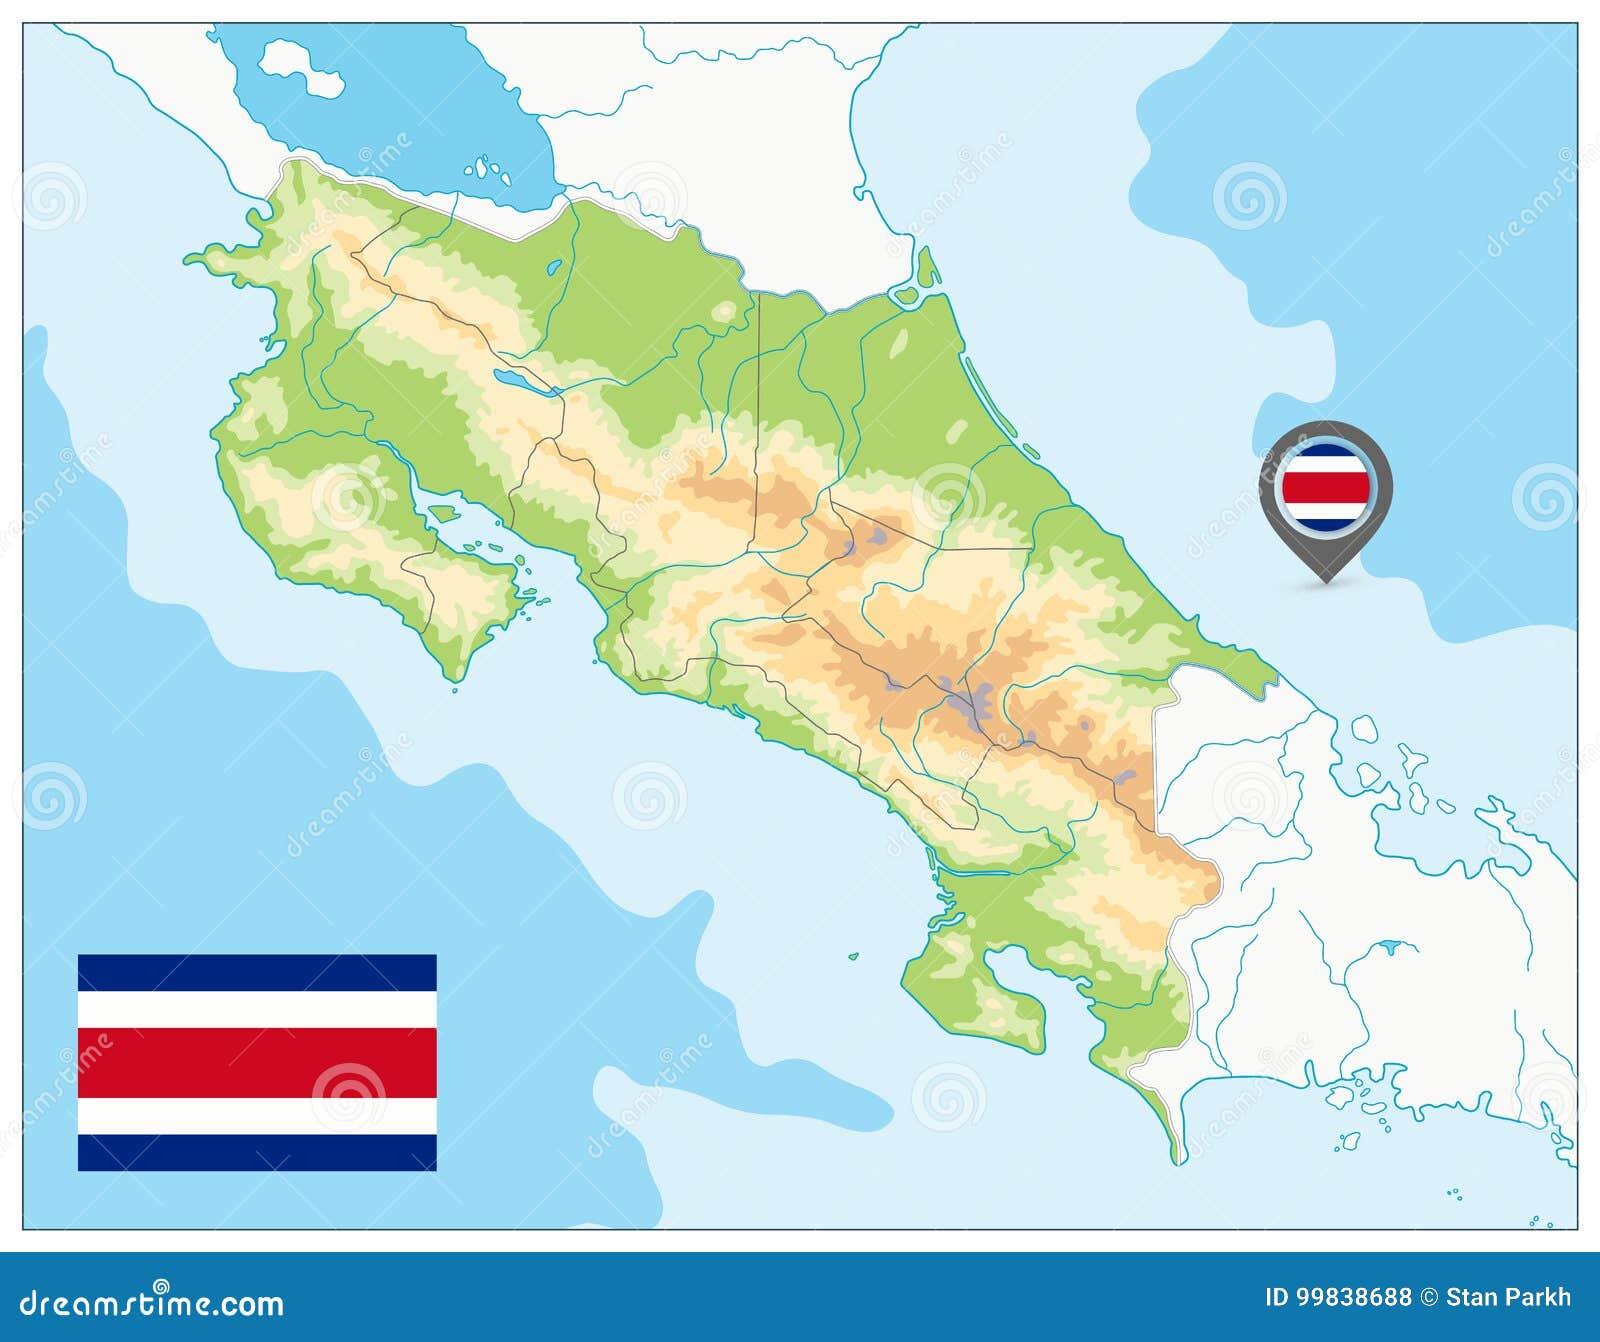 Karta Medicinskogo Osmotra Kosta Rika Otsutstvie Teksta